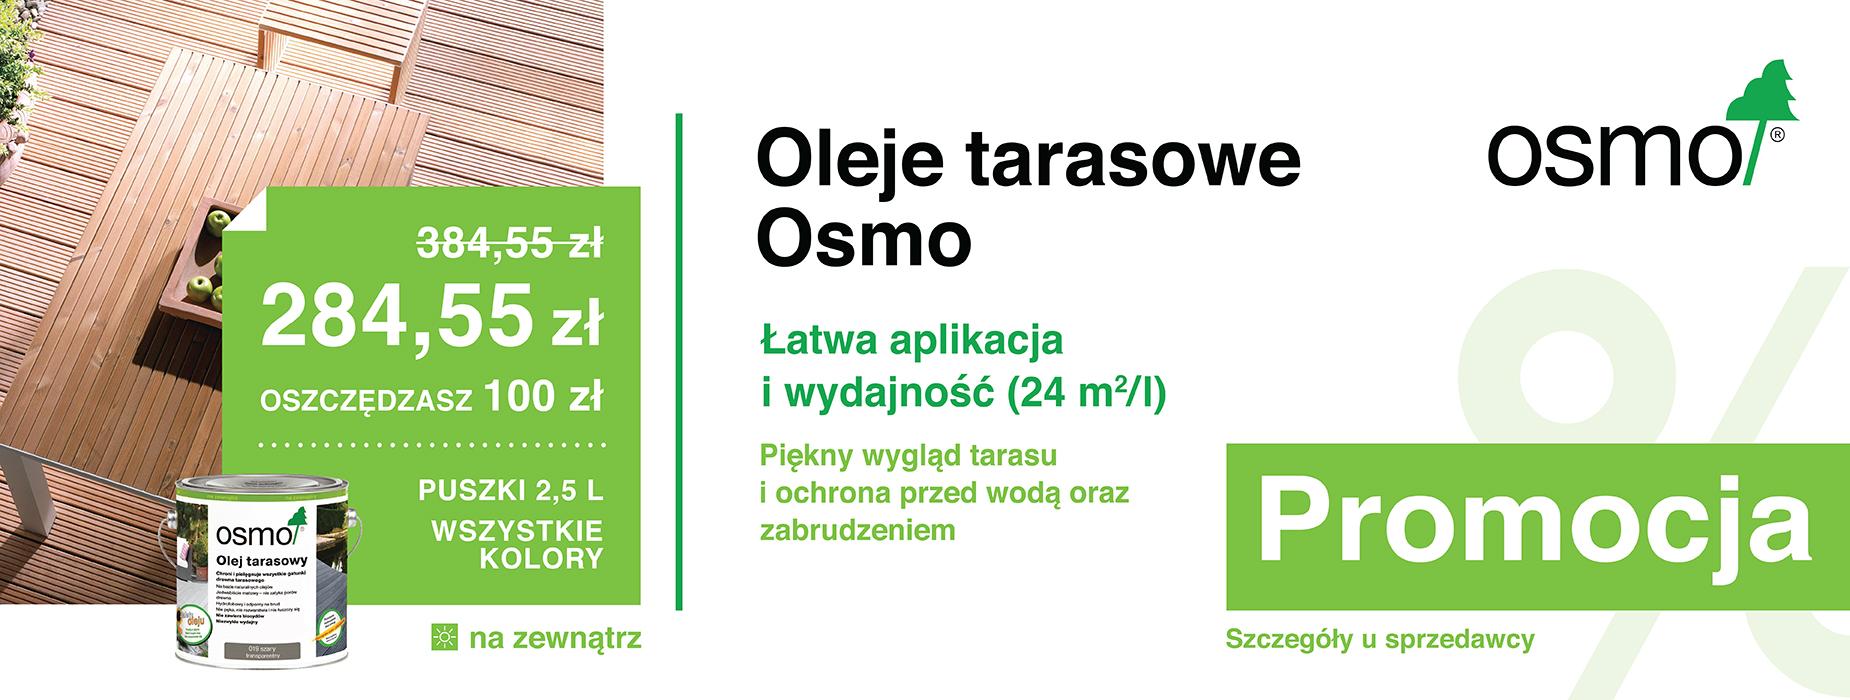 Oleje tarasowe Osmo Promocja